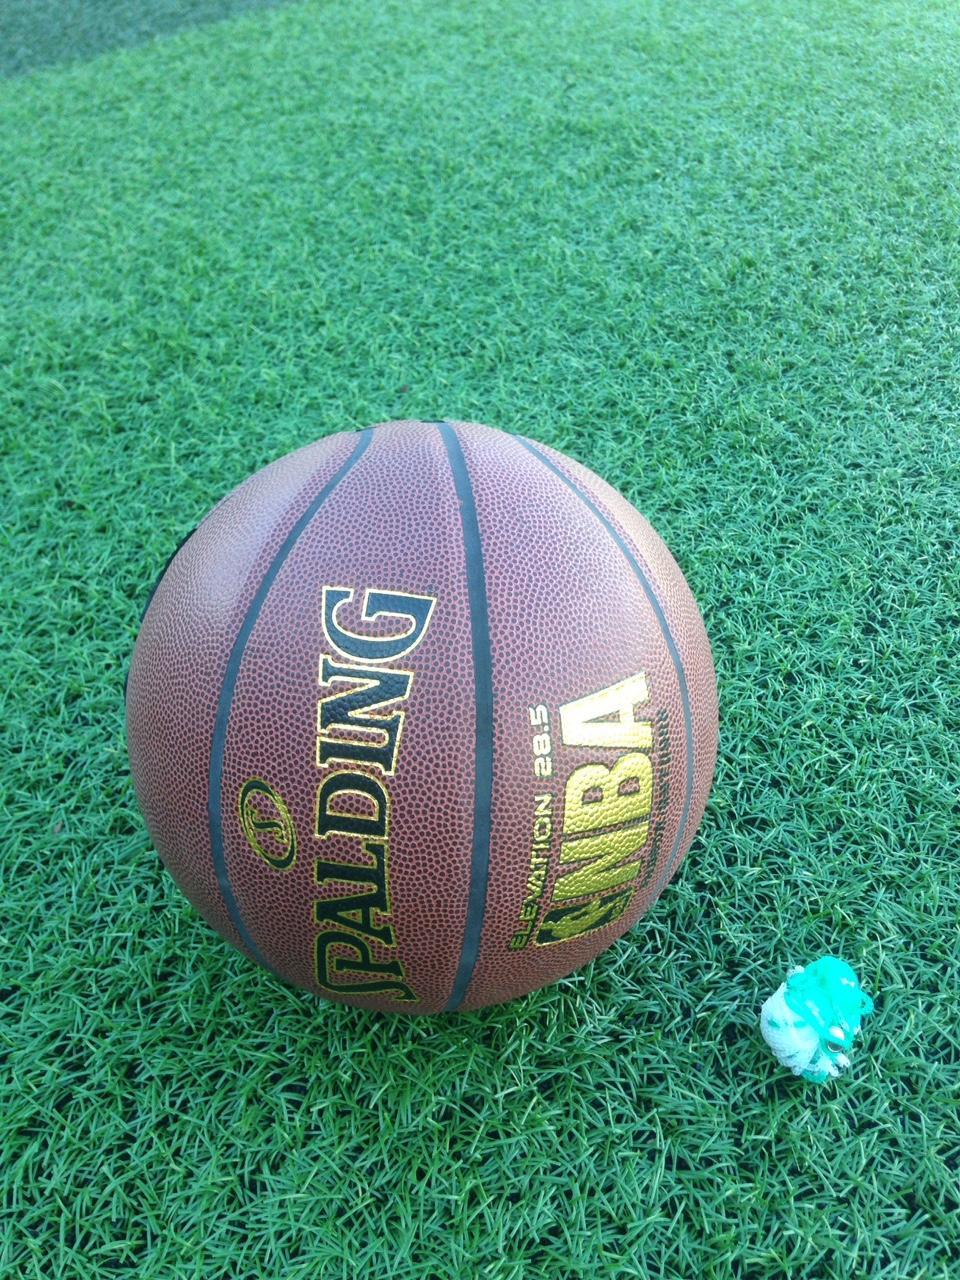 Hình ảnh bóng rổ số 7 SPALDING da PU cao cấp(tặng túi lưới +kim bơm+đôi tất)